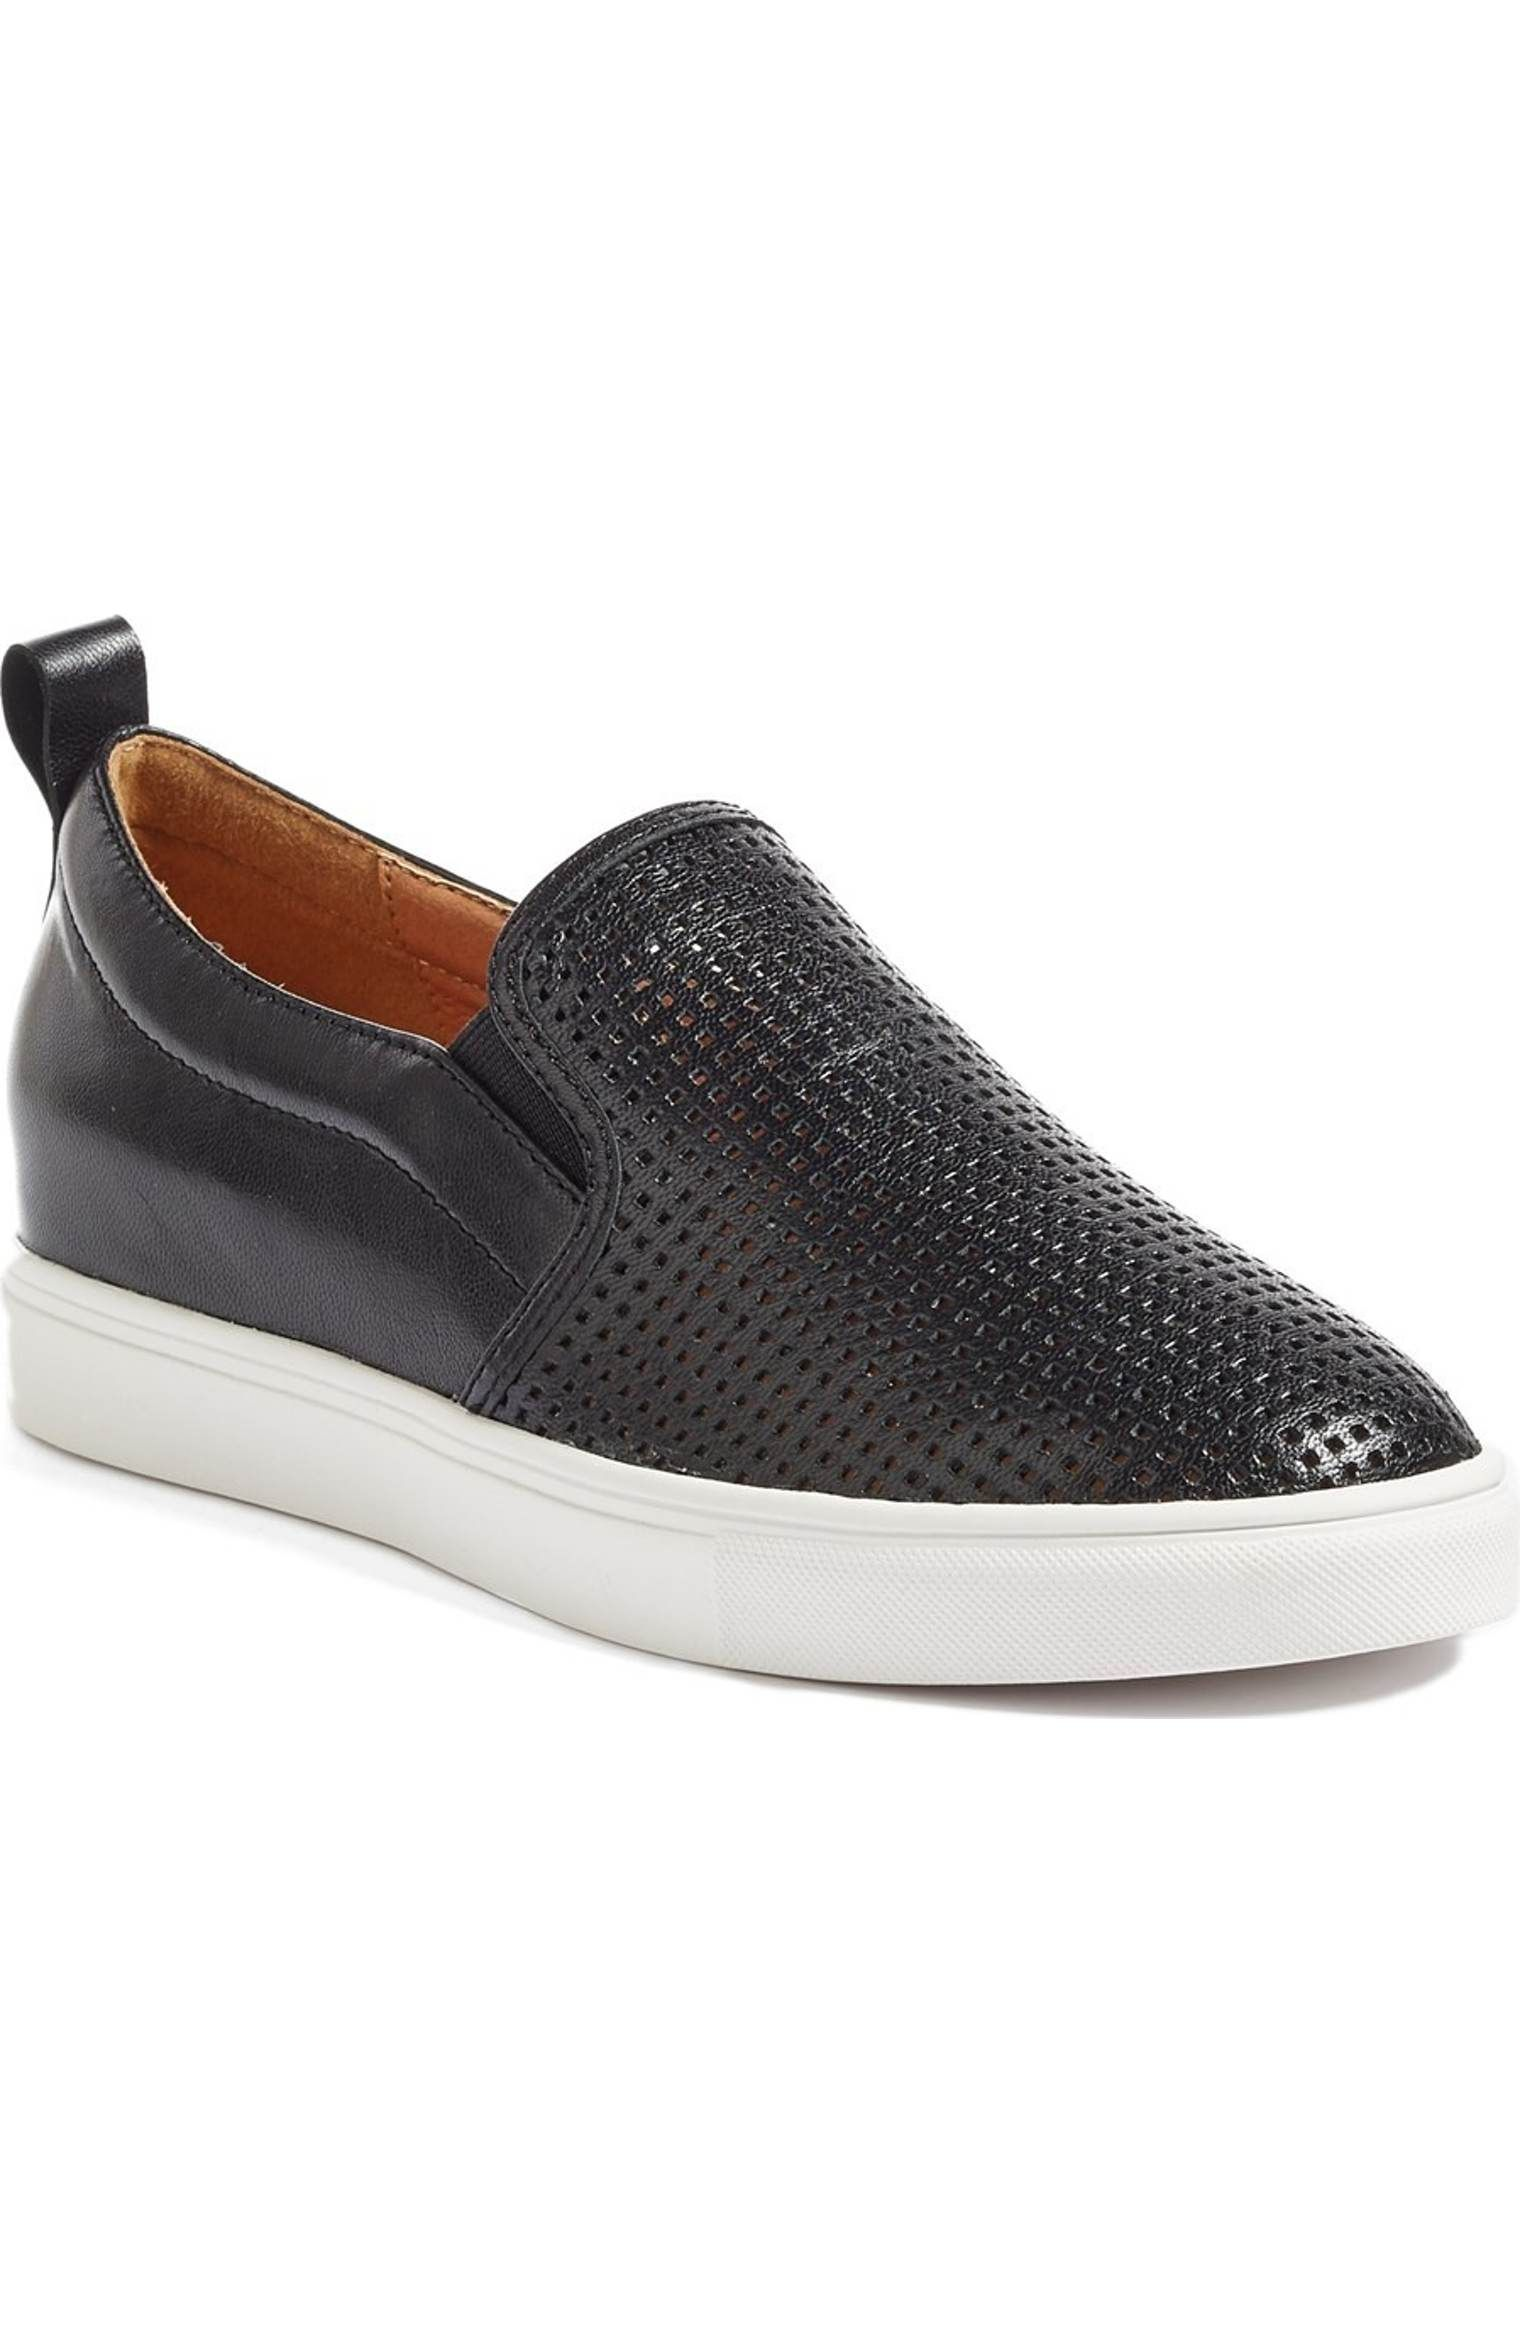 Caslon Eden Perforated Slip On Sneaker Women Nordstrom Slip On Sneaker Black Slip On Sneakers Black Sneakers [ 2332 x 1520 Pixel ]